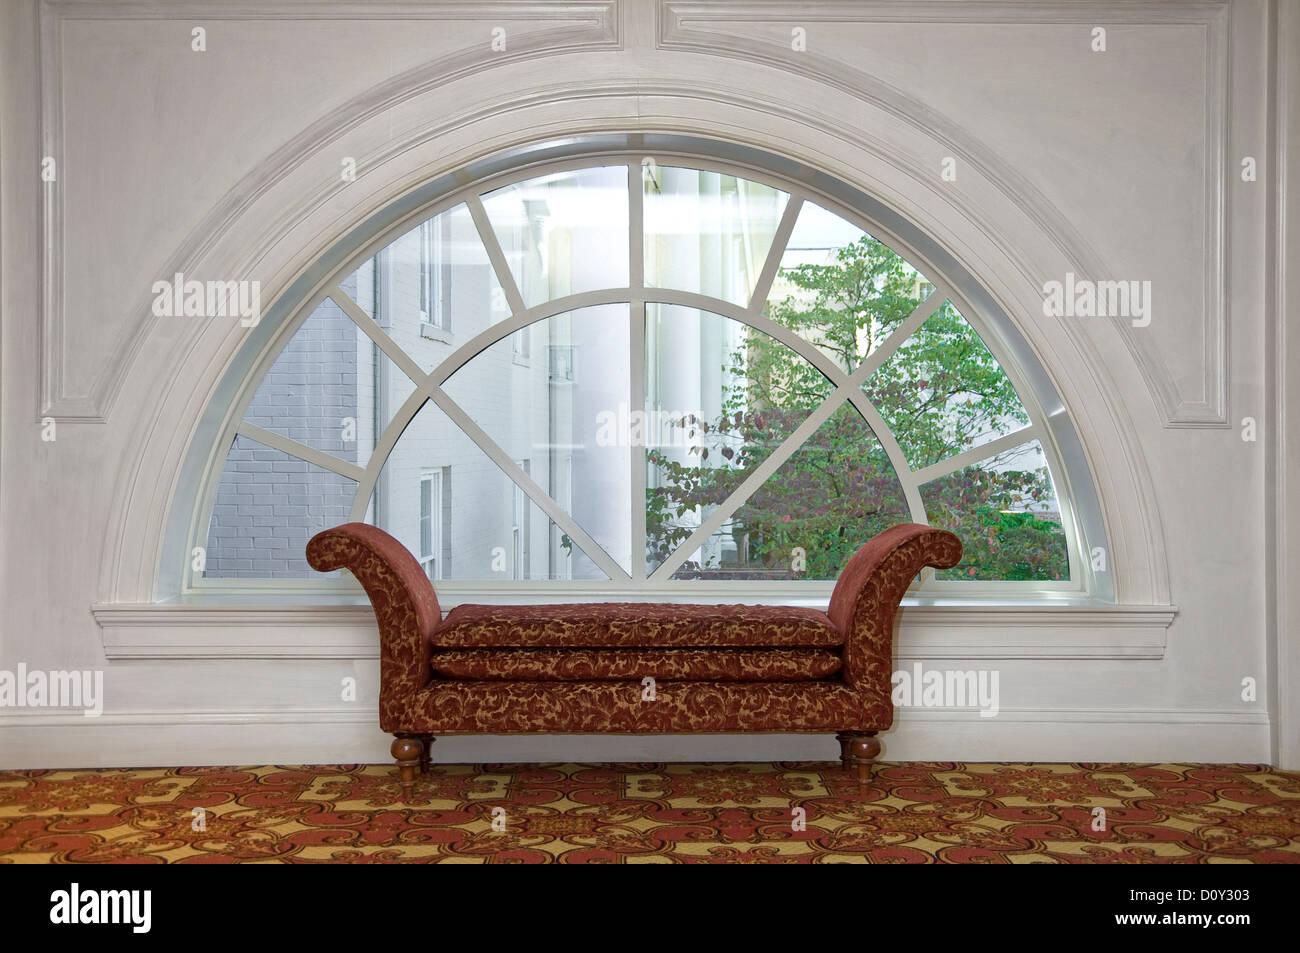 Tumbona chaise lounge frente a la ventana del arco, el vestíbulo del hotel Imagen De Stock